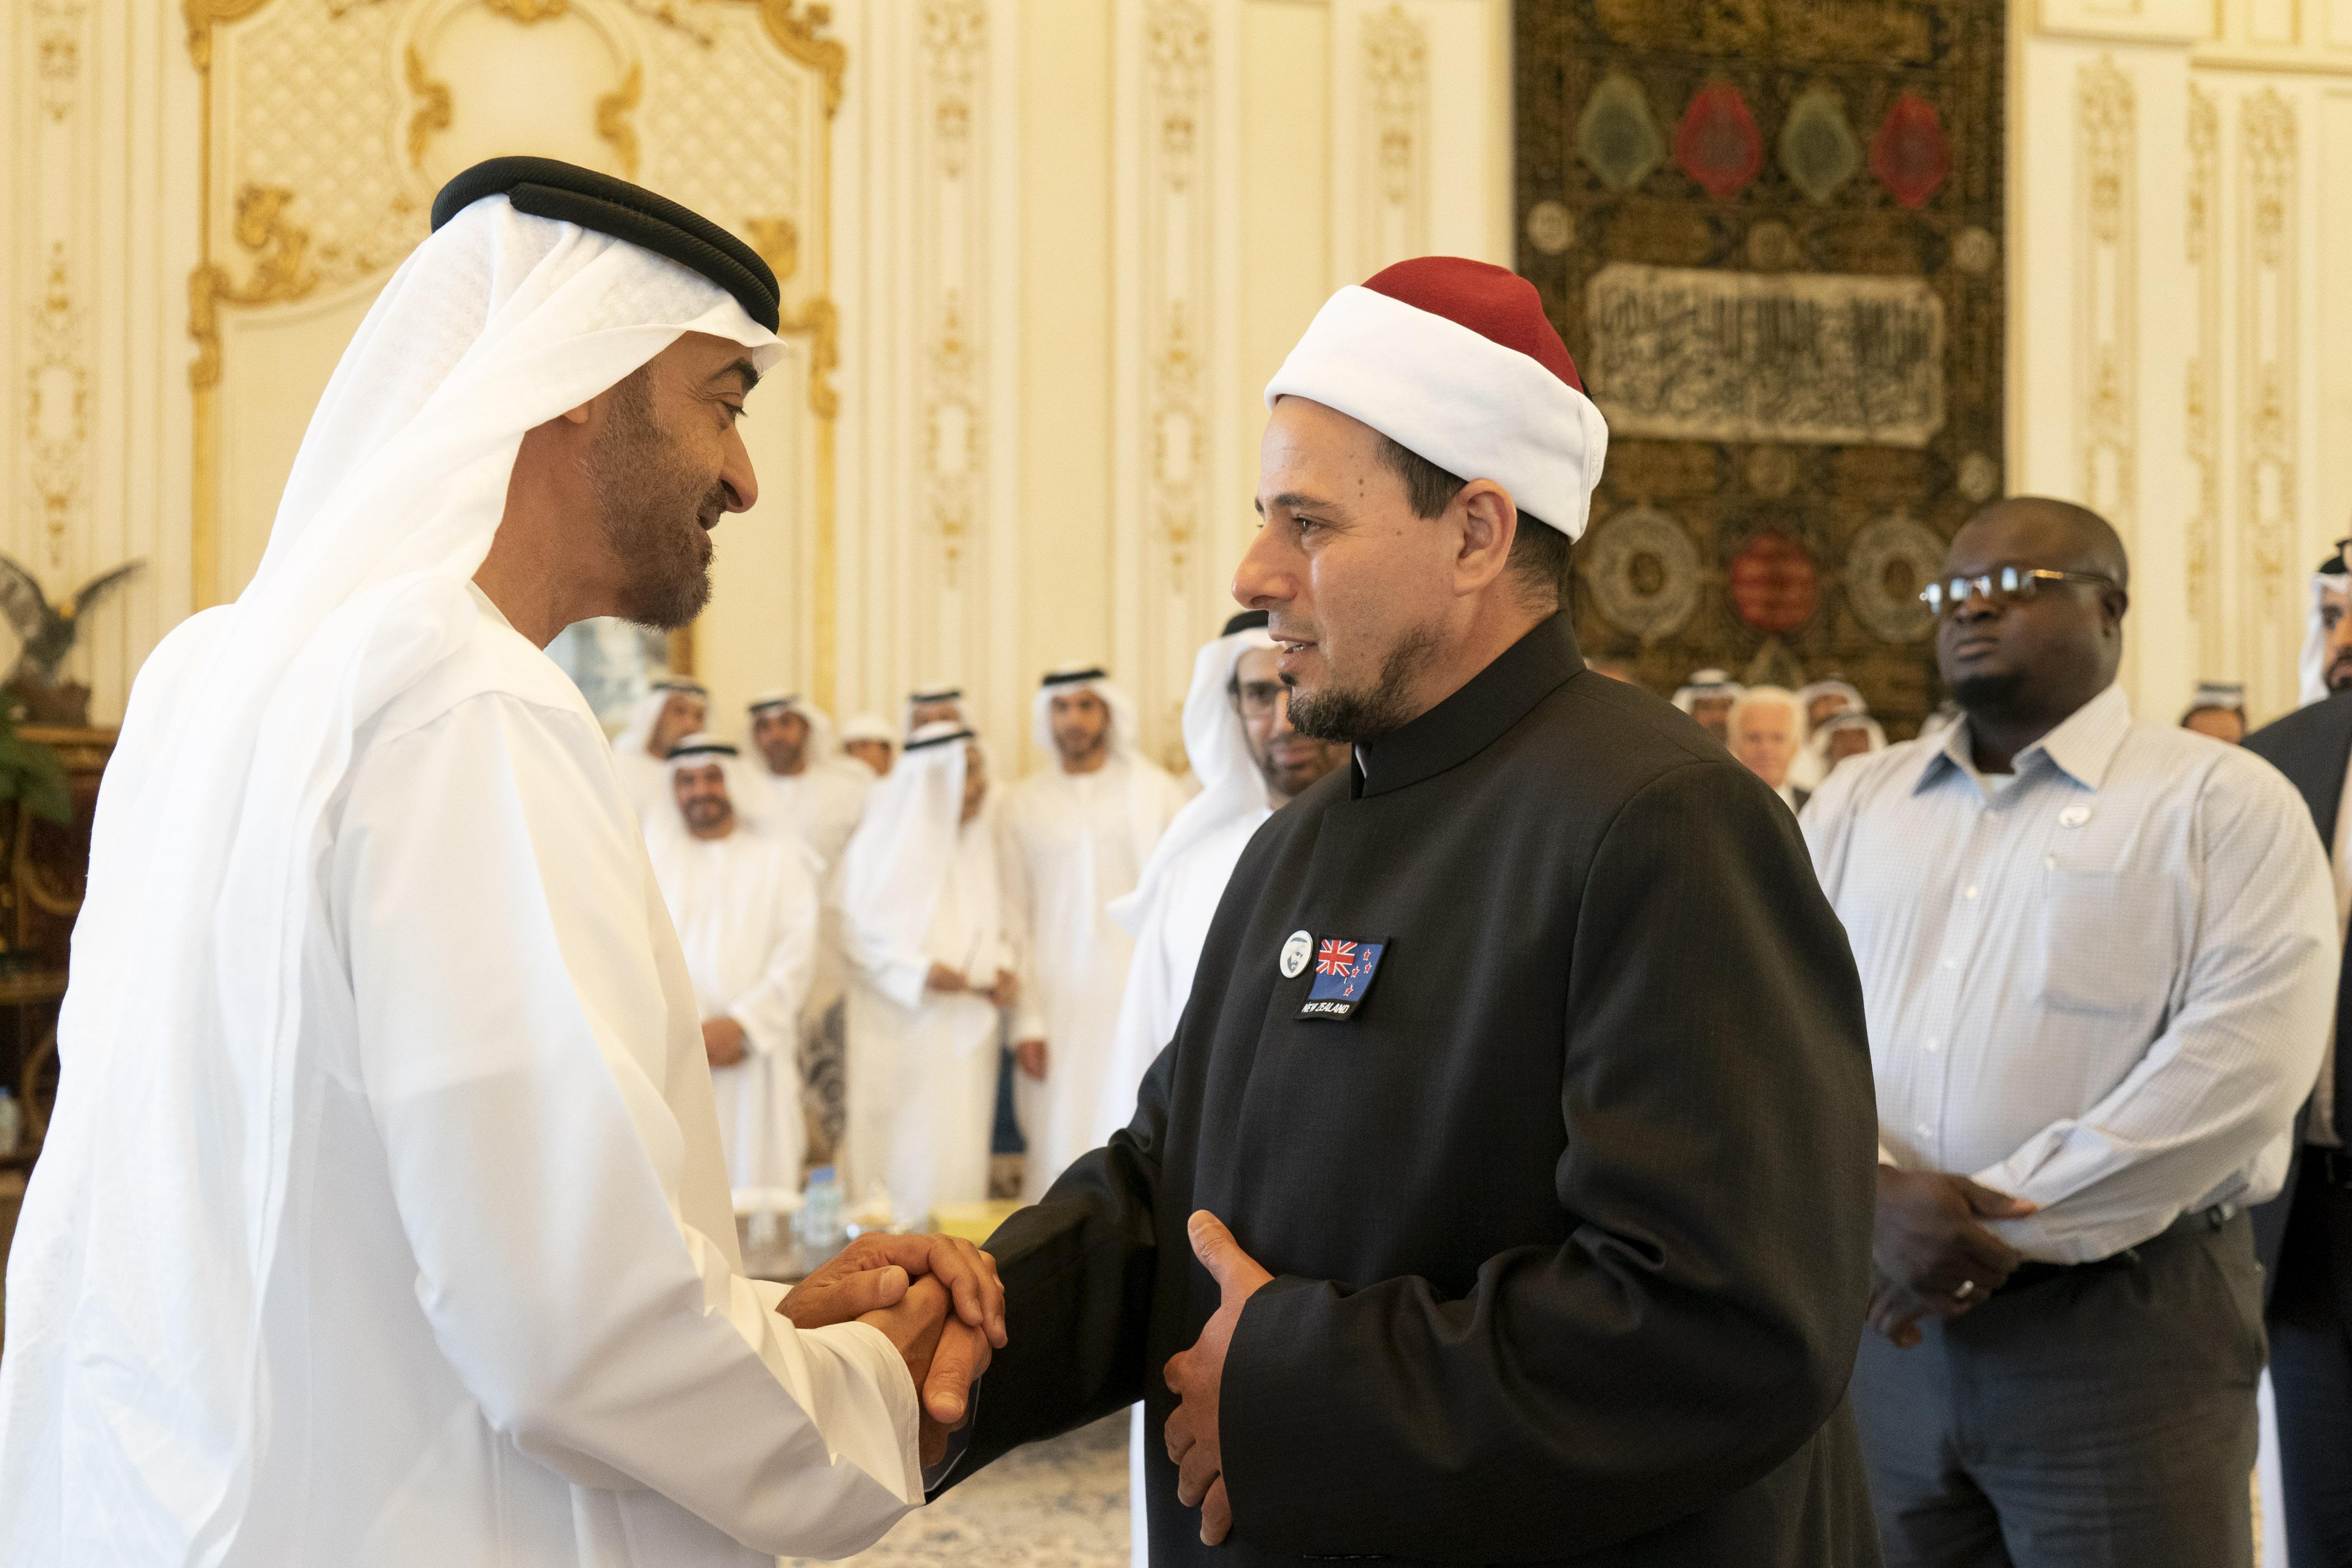 محمد بن زايد يستقبل إمامي مسجدي النور ولينوود بمدينة كرايستشيرش في نيوزيلندا